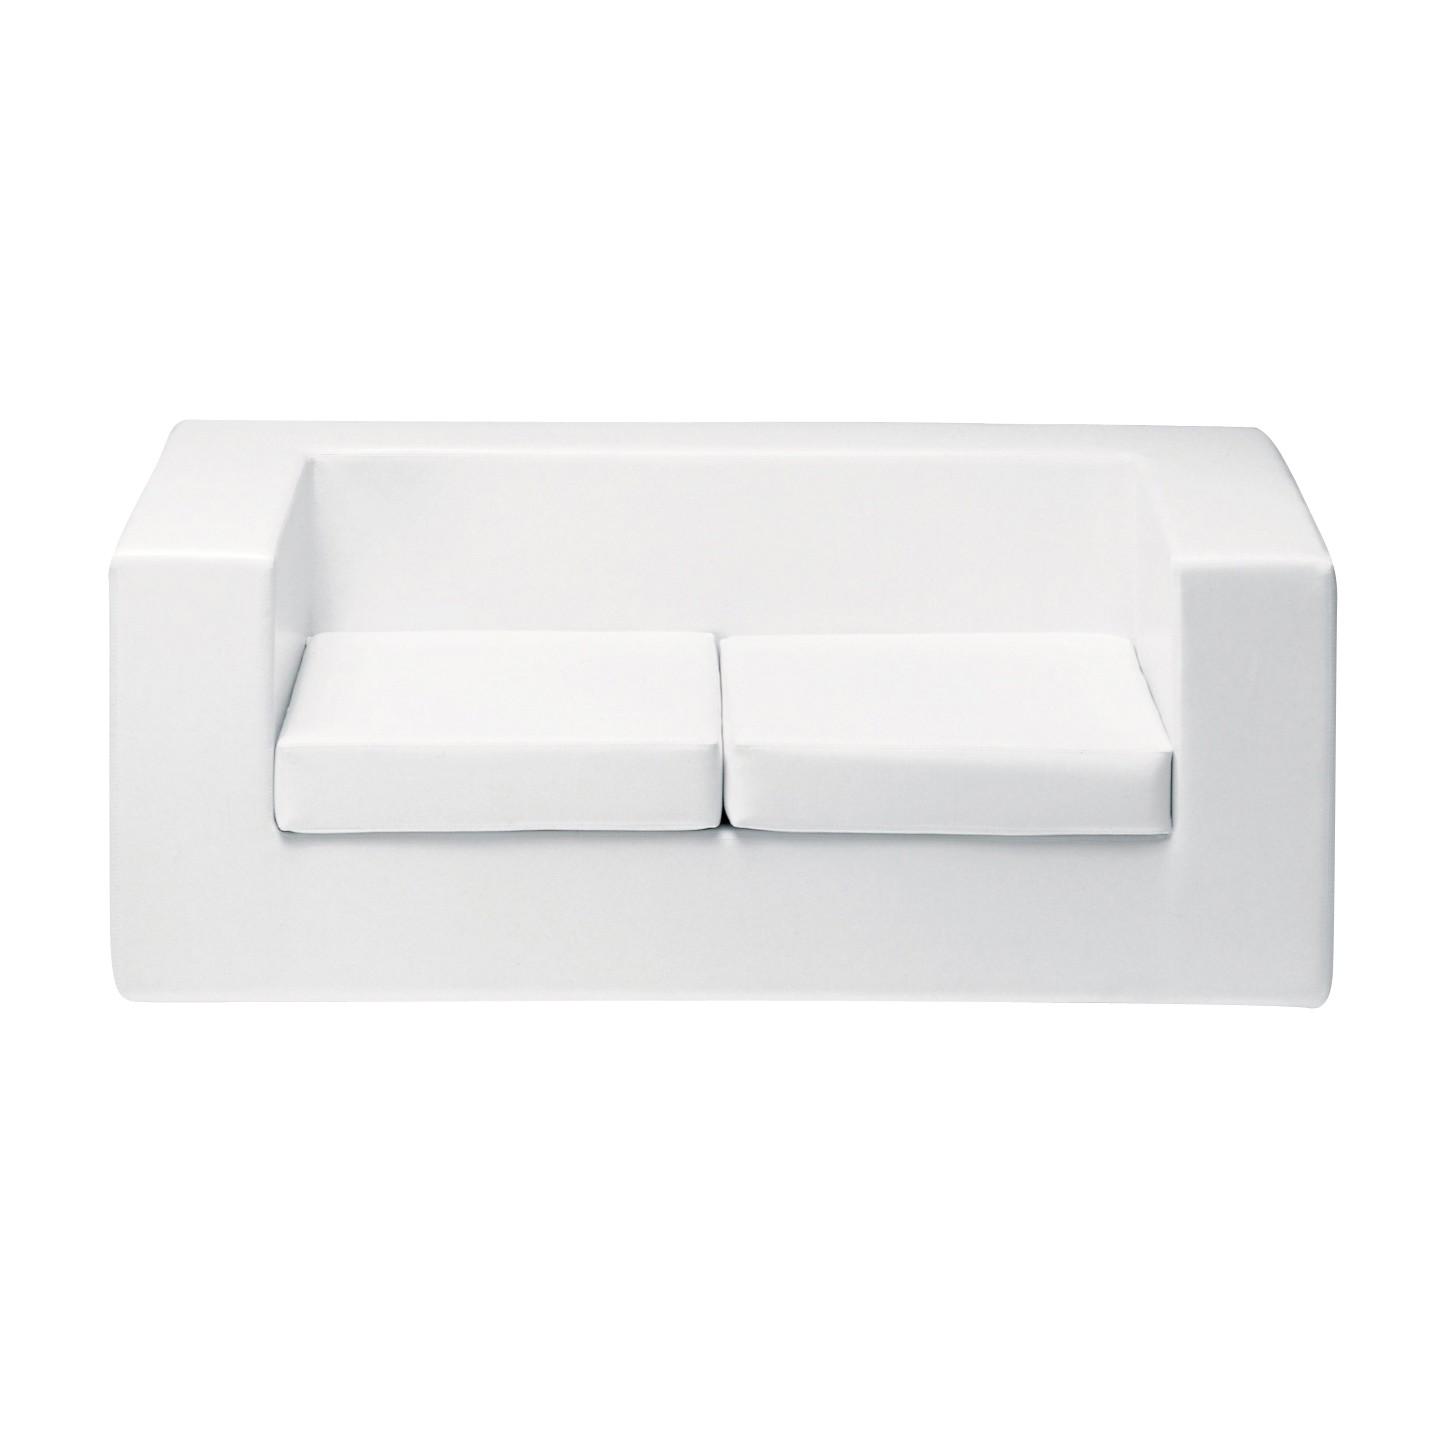 Full Size of Zanotta Throw Away 1150 2 Sitzer Sofa Ambientedirect Bett Mit Bettkasten 160x200 Mitarbeitergespräche Führen Heimkino Kolonialstil Spiegelschrank Bad Sofa Sofa Mit Abnehmbaren Bezug